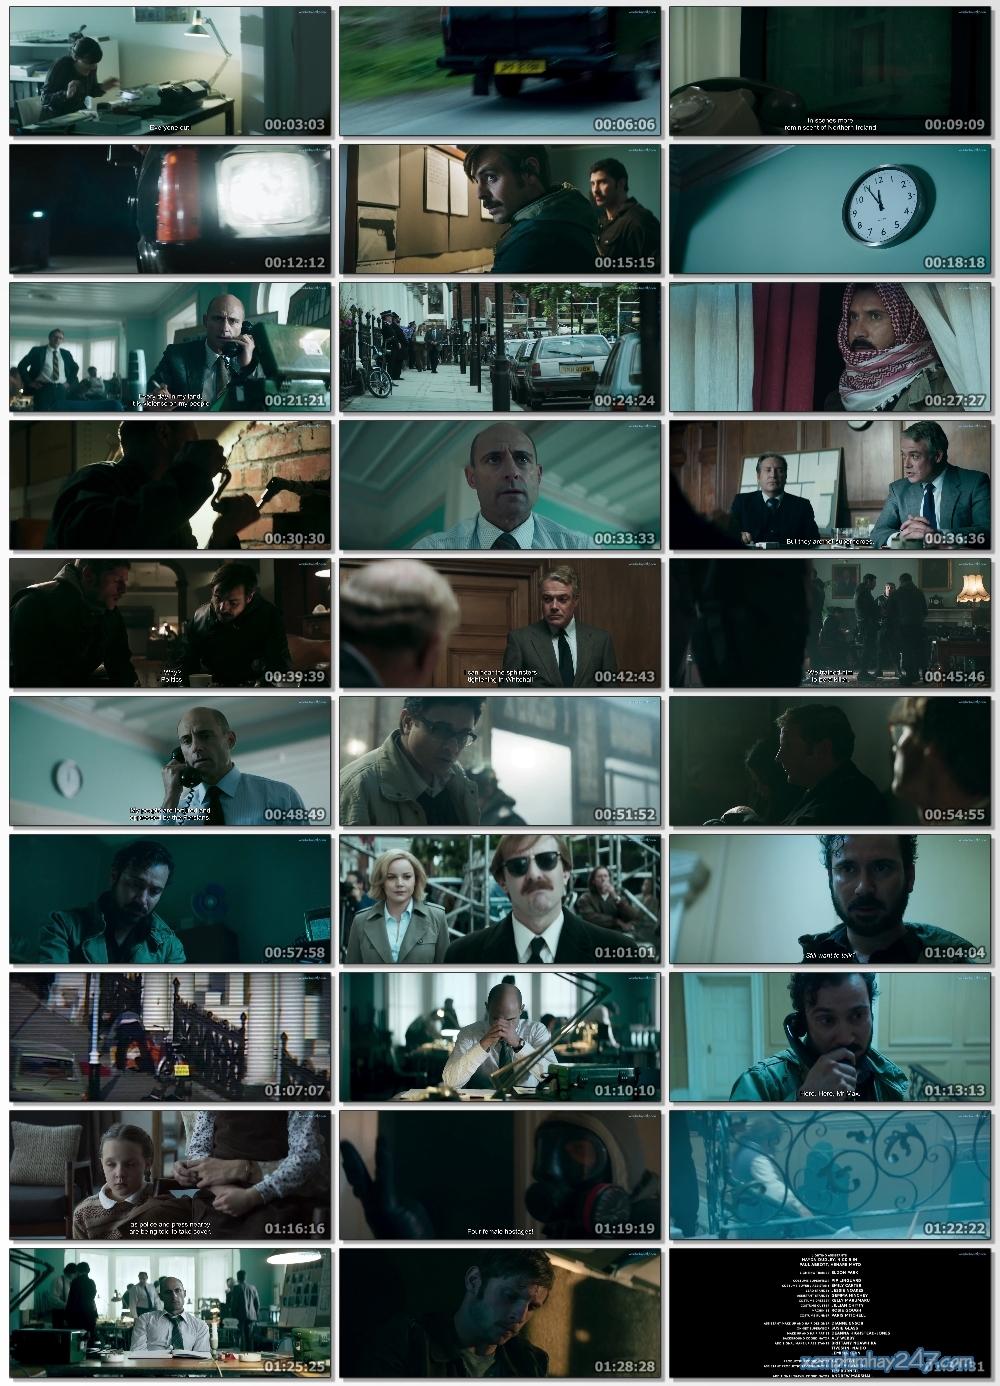 http://xemphimhay247.com - Xem phim hay 247 - 6 Ngày Thảm Sát (2017) - 6 Days (2017)